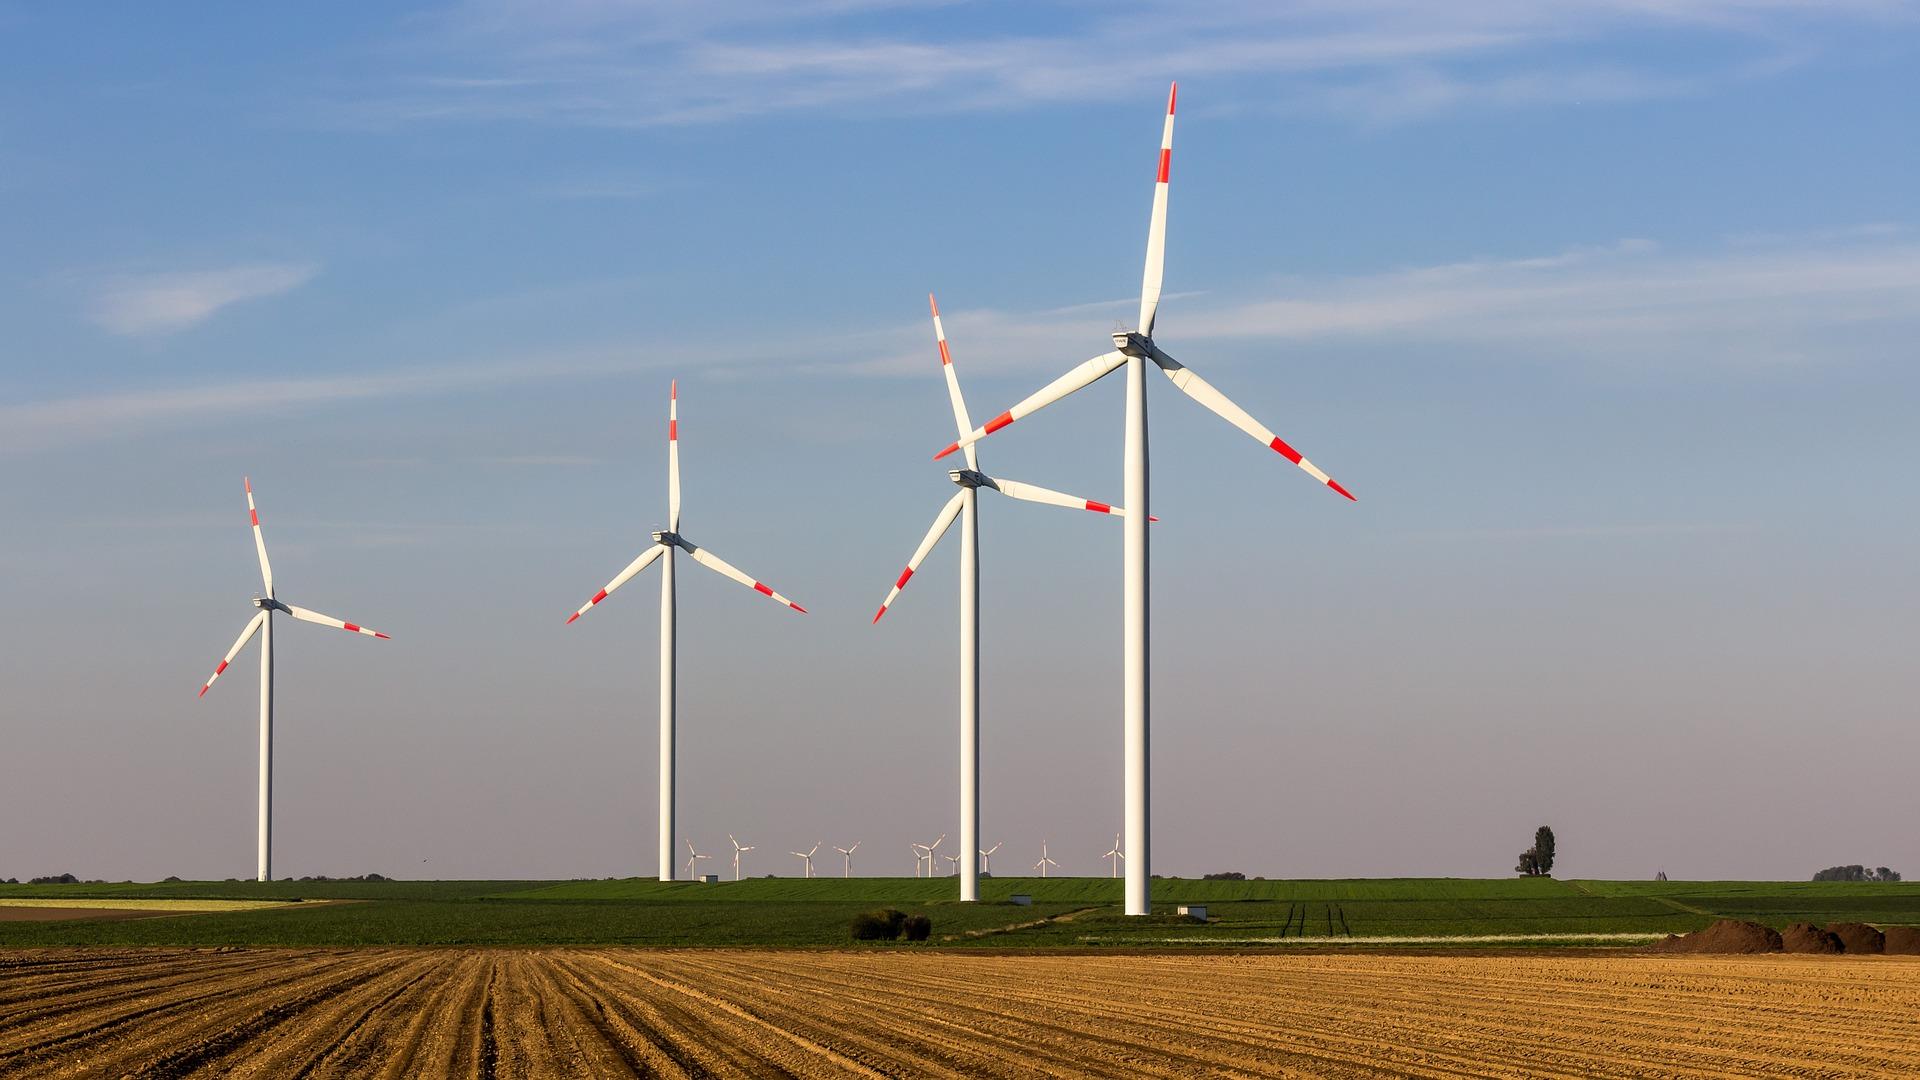 """Dr. Helmut Martin: """"Landesregierung setzt sich bei Windkraftanlagen zum Nachteil von Hallgarten ohne fundierte Begründung über Schutzbelange hinweg"""""""